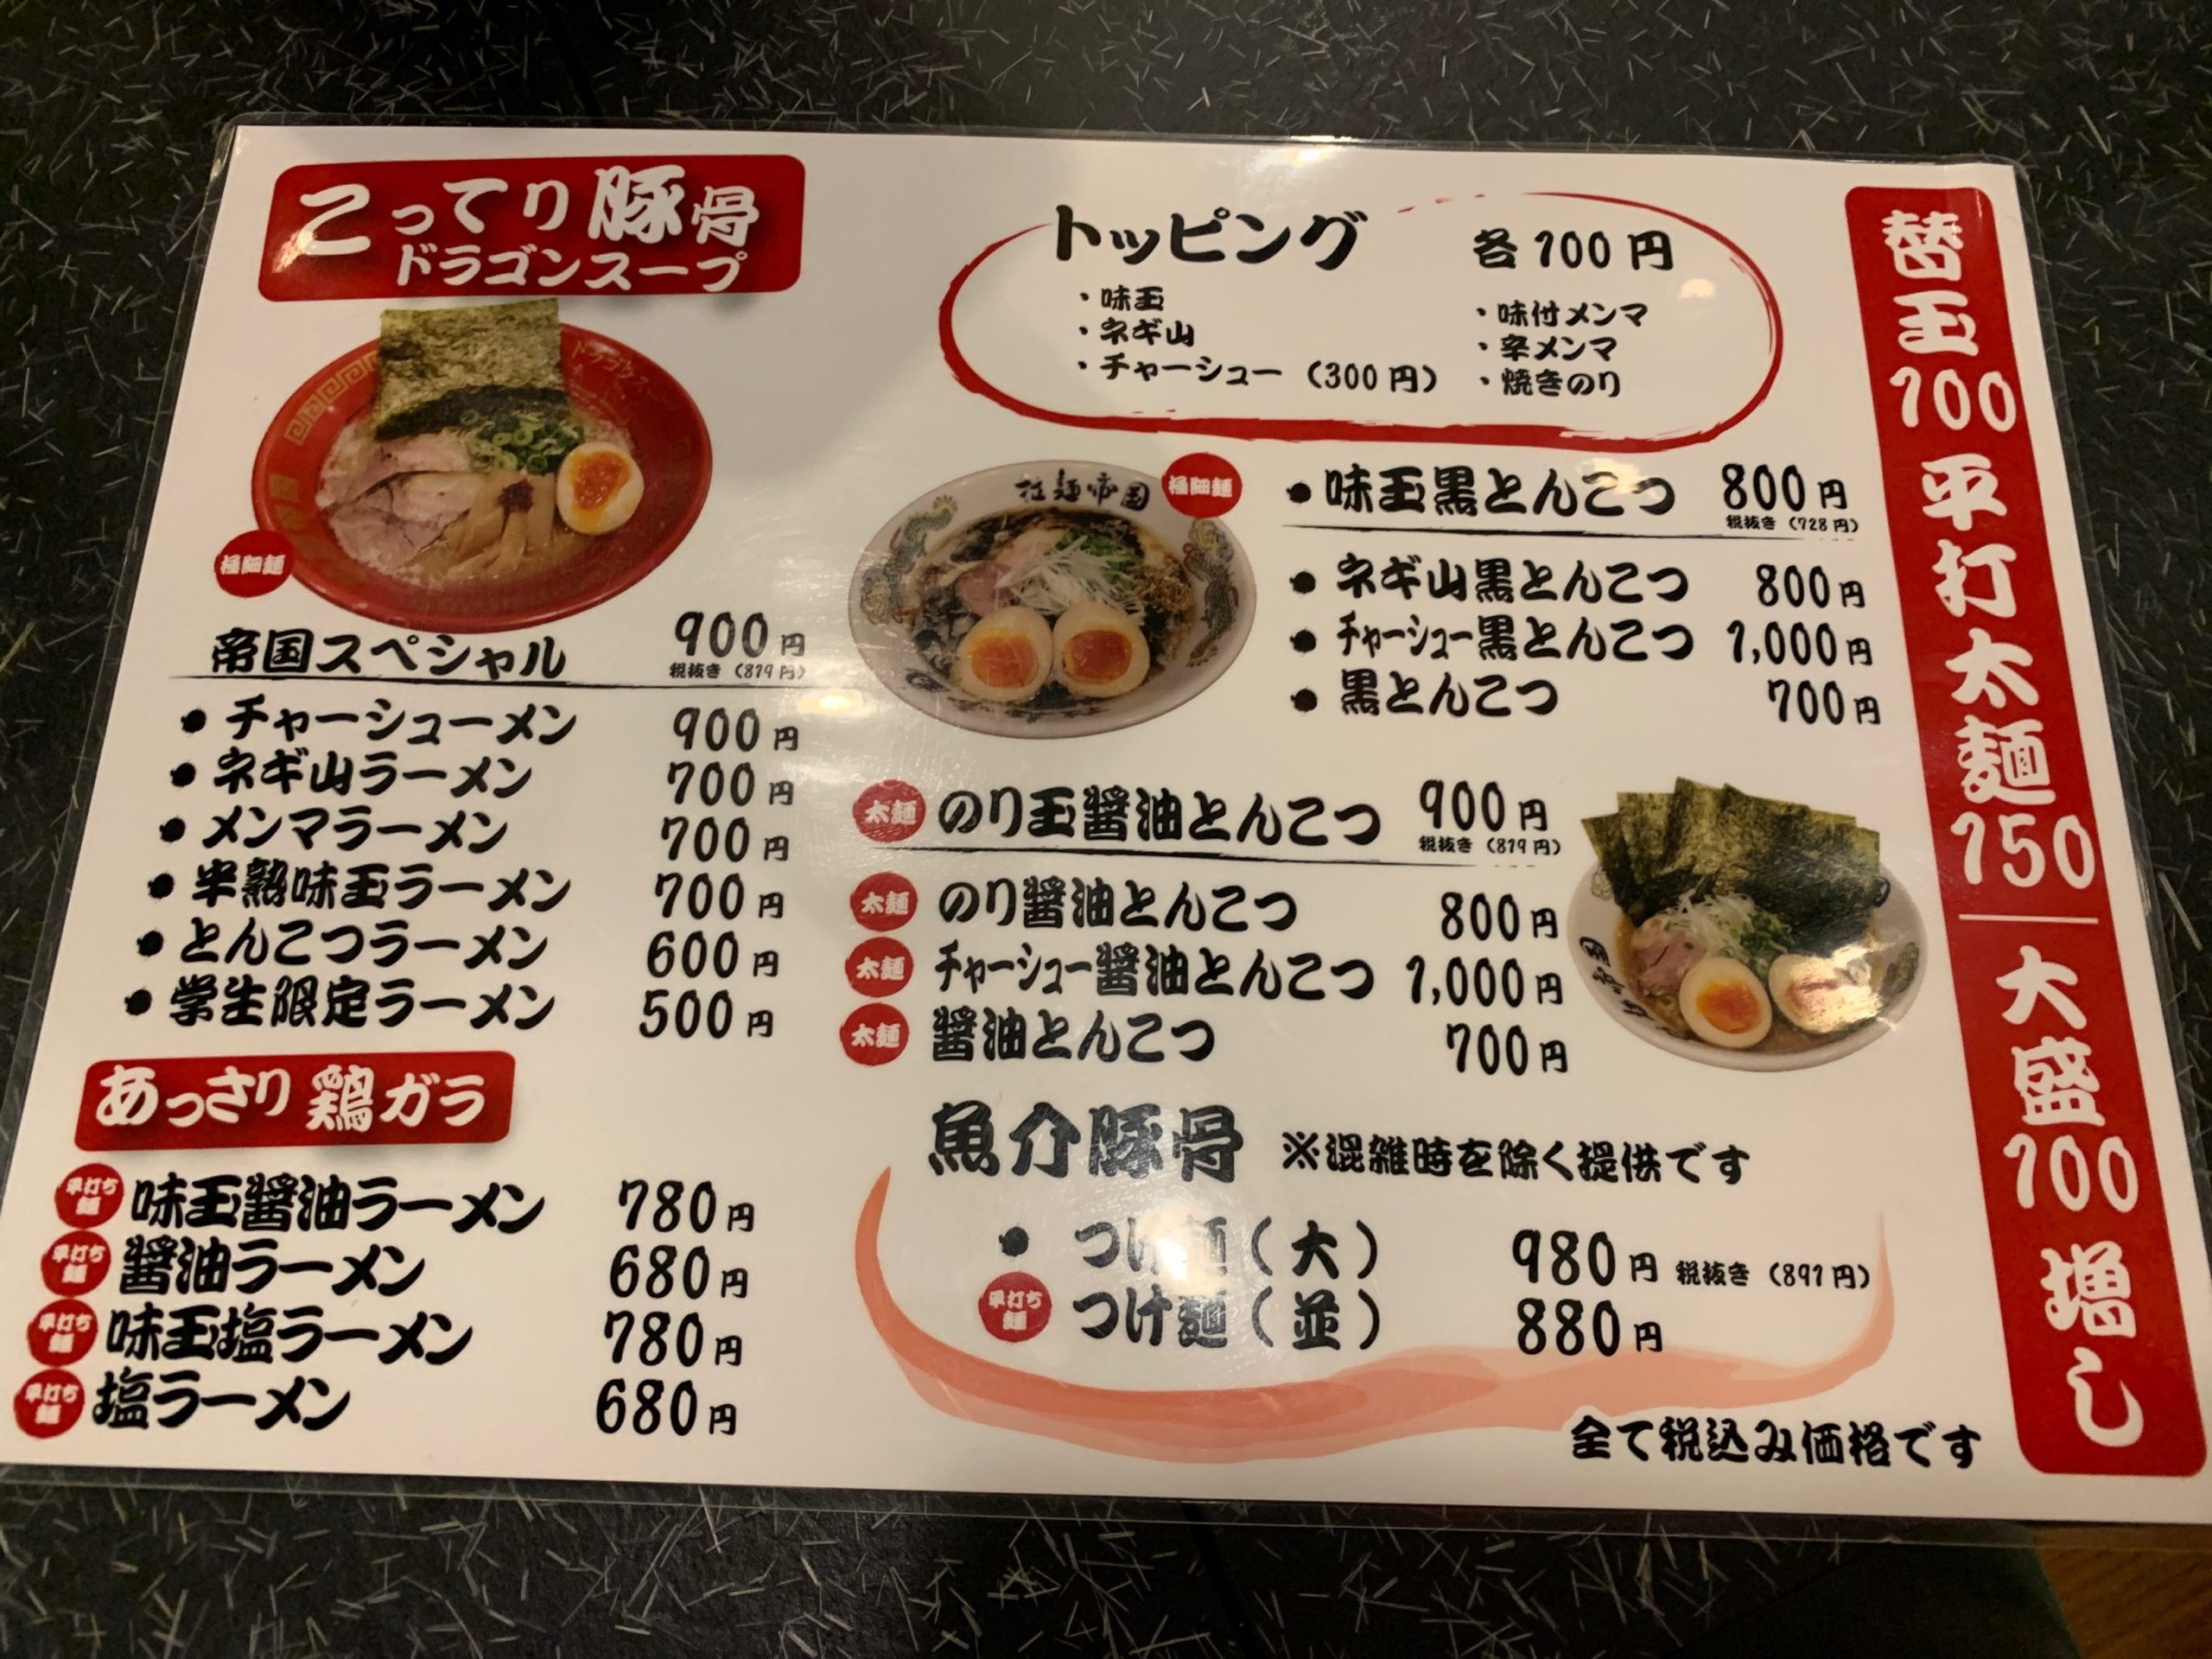 拉麺帝国本店のグランドメニュー